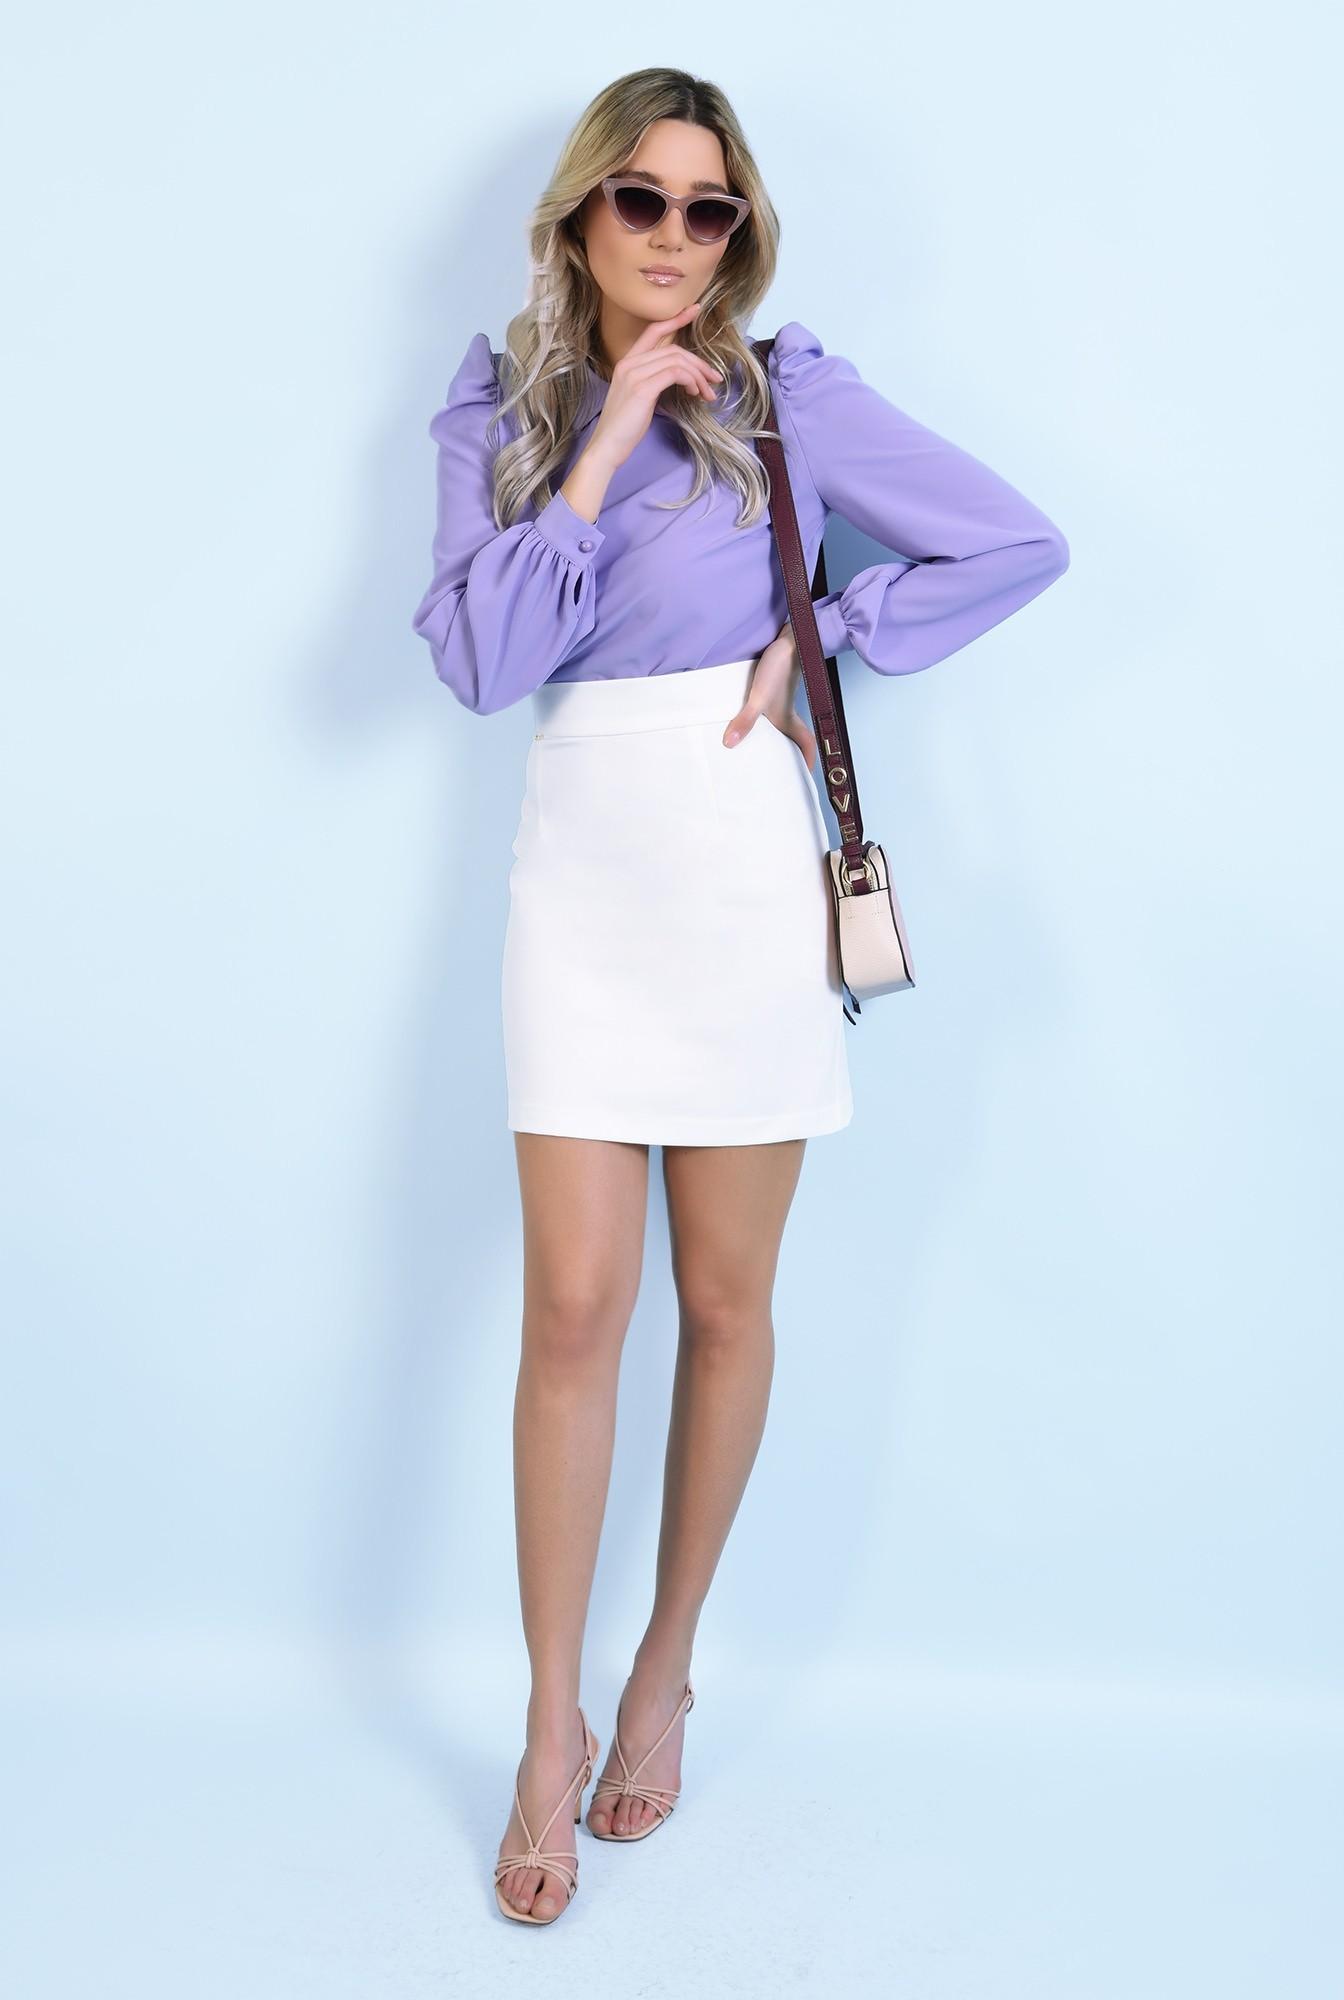 360 - bluza casual, lila, cu guler rotunjit, maneci lungi, inchidere cu butoniera